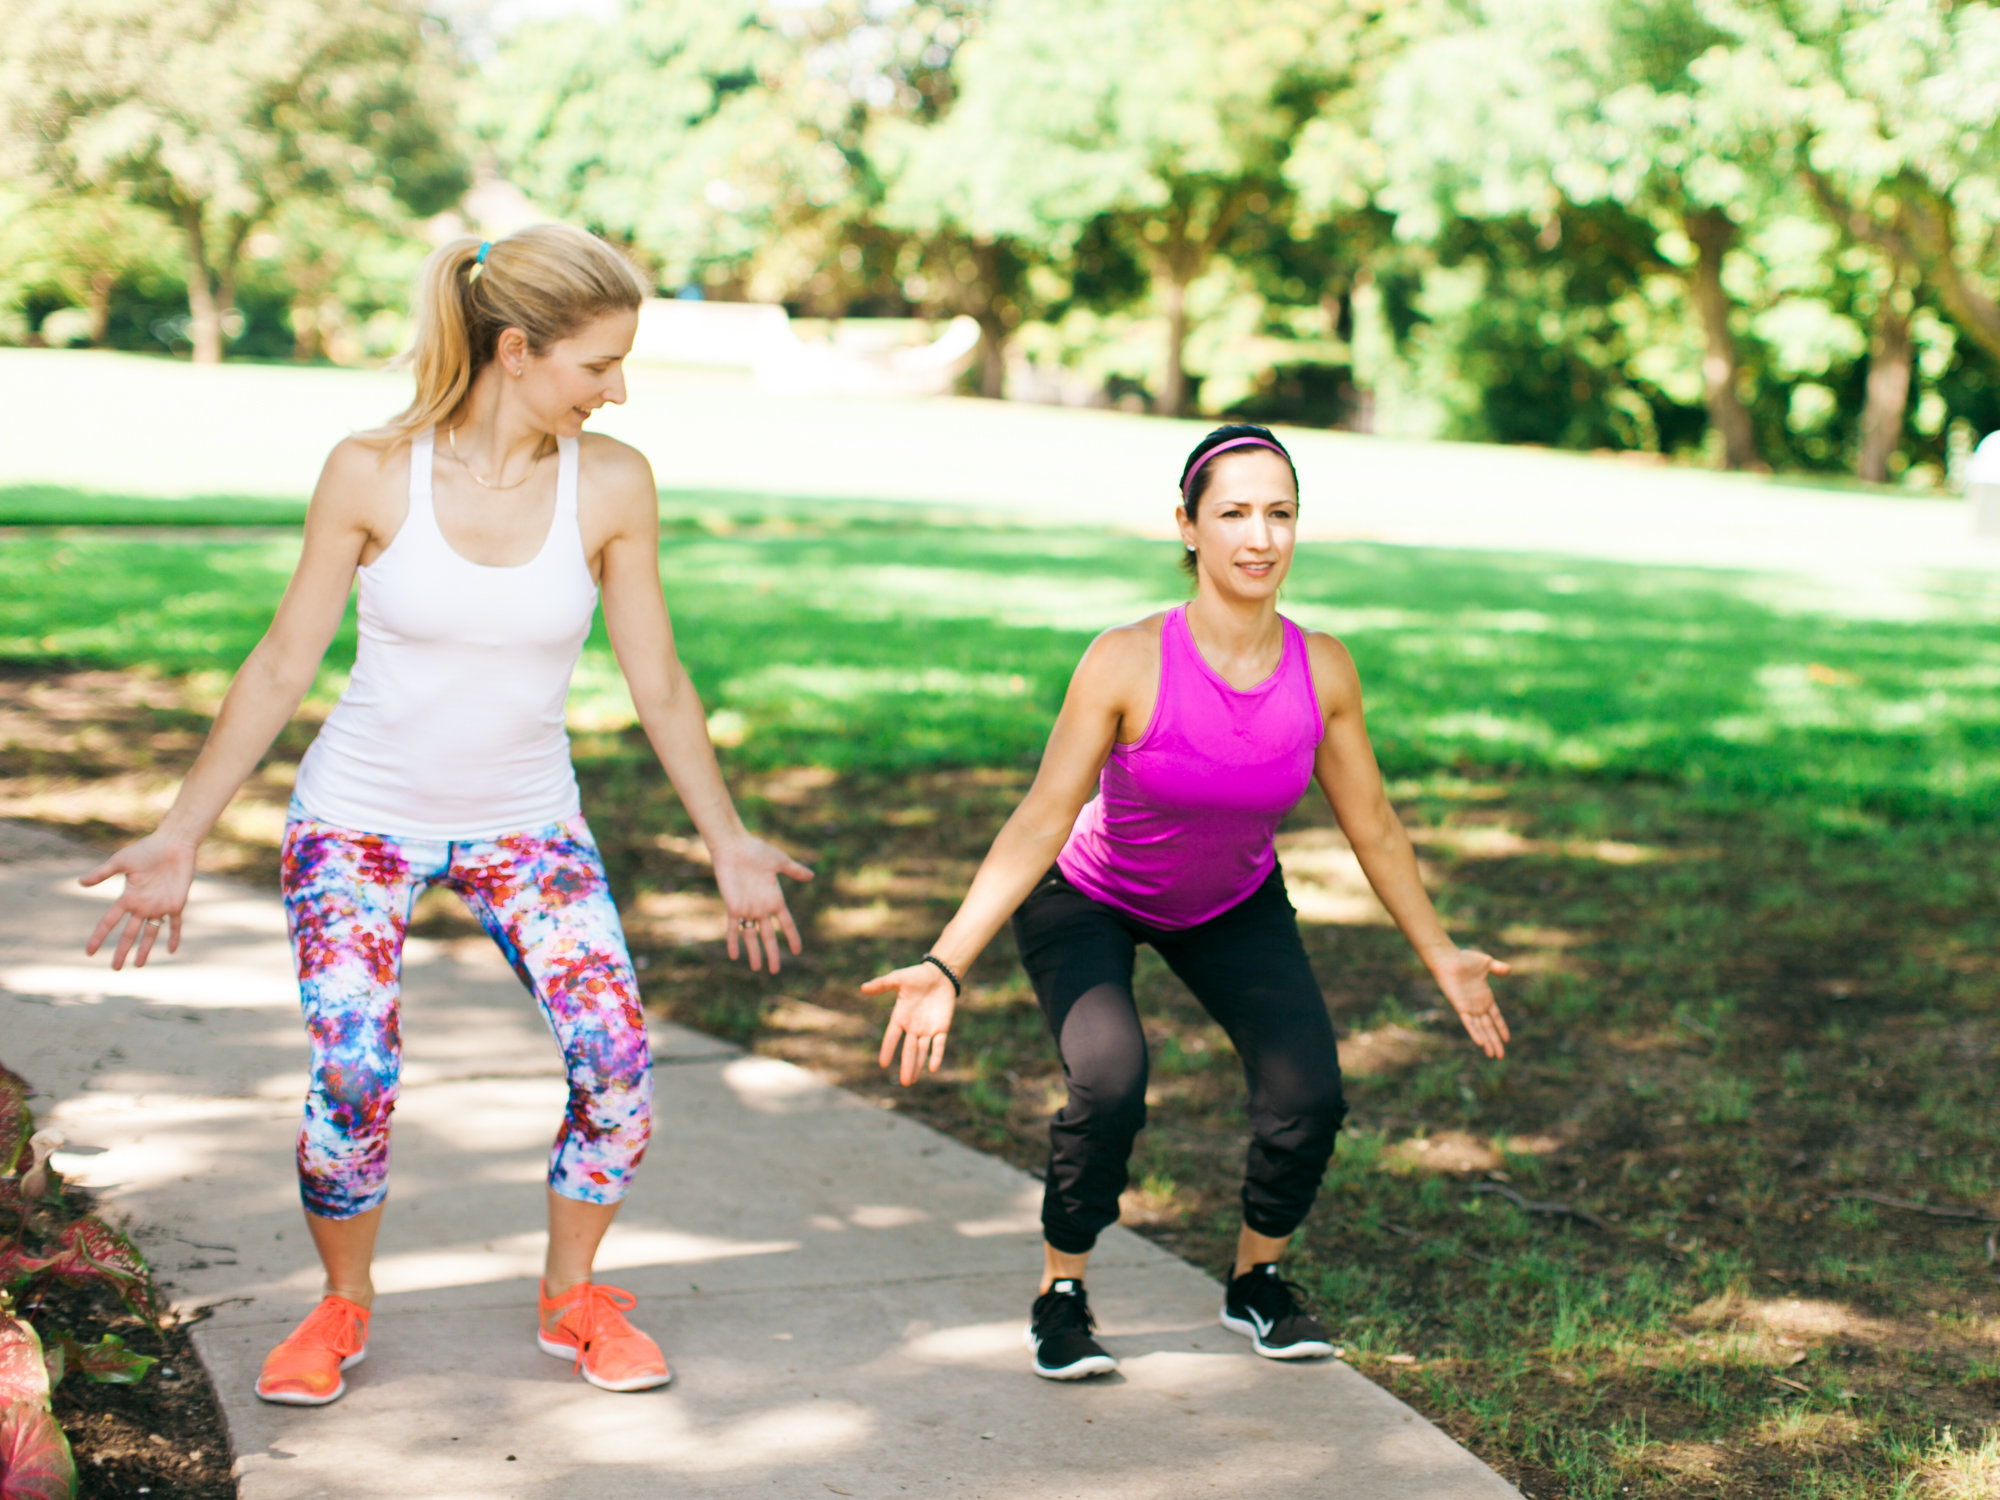 dallas-blogger-the-move-project-athleta-5983